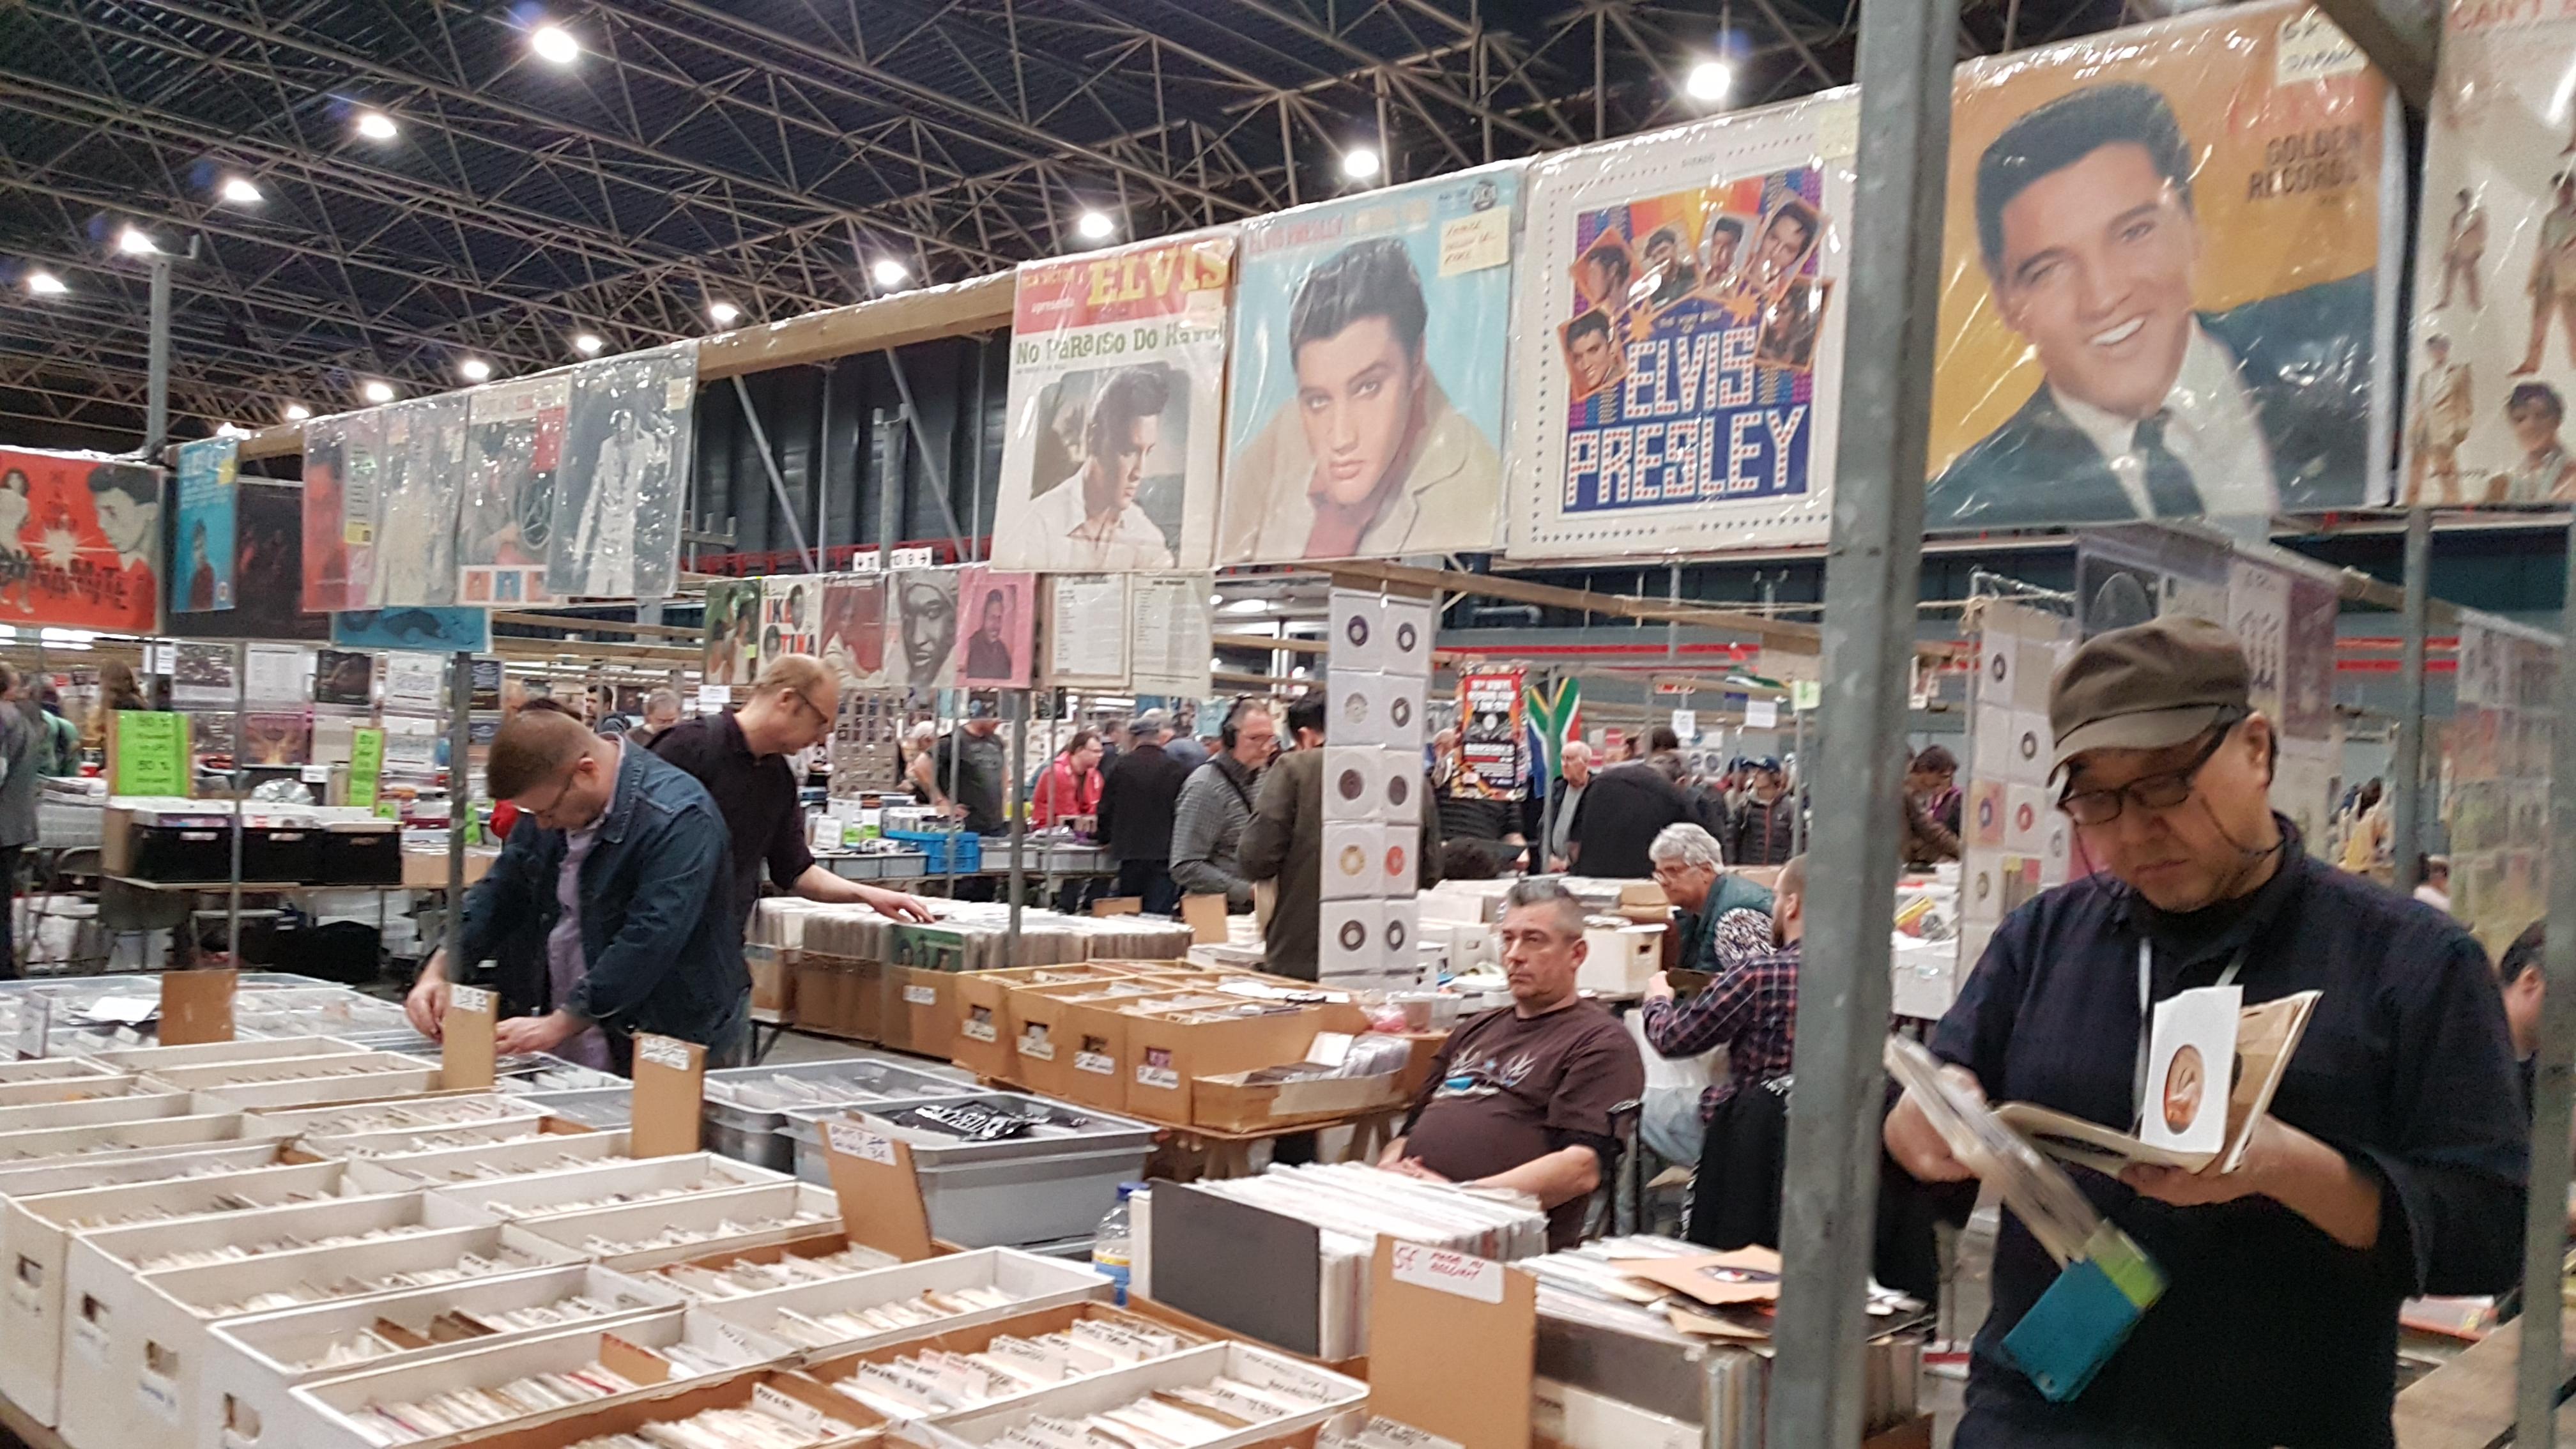 Platten und CD Börse 20180414_155120xusuf